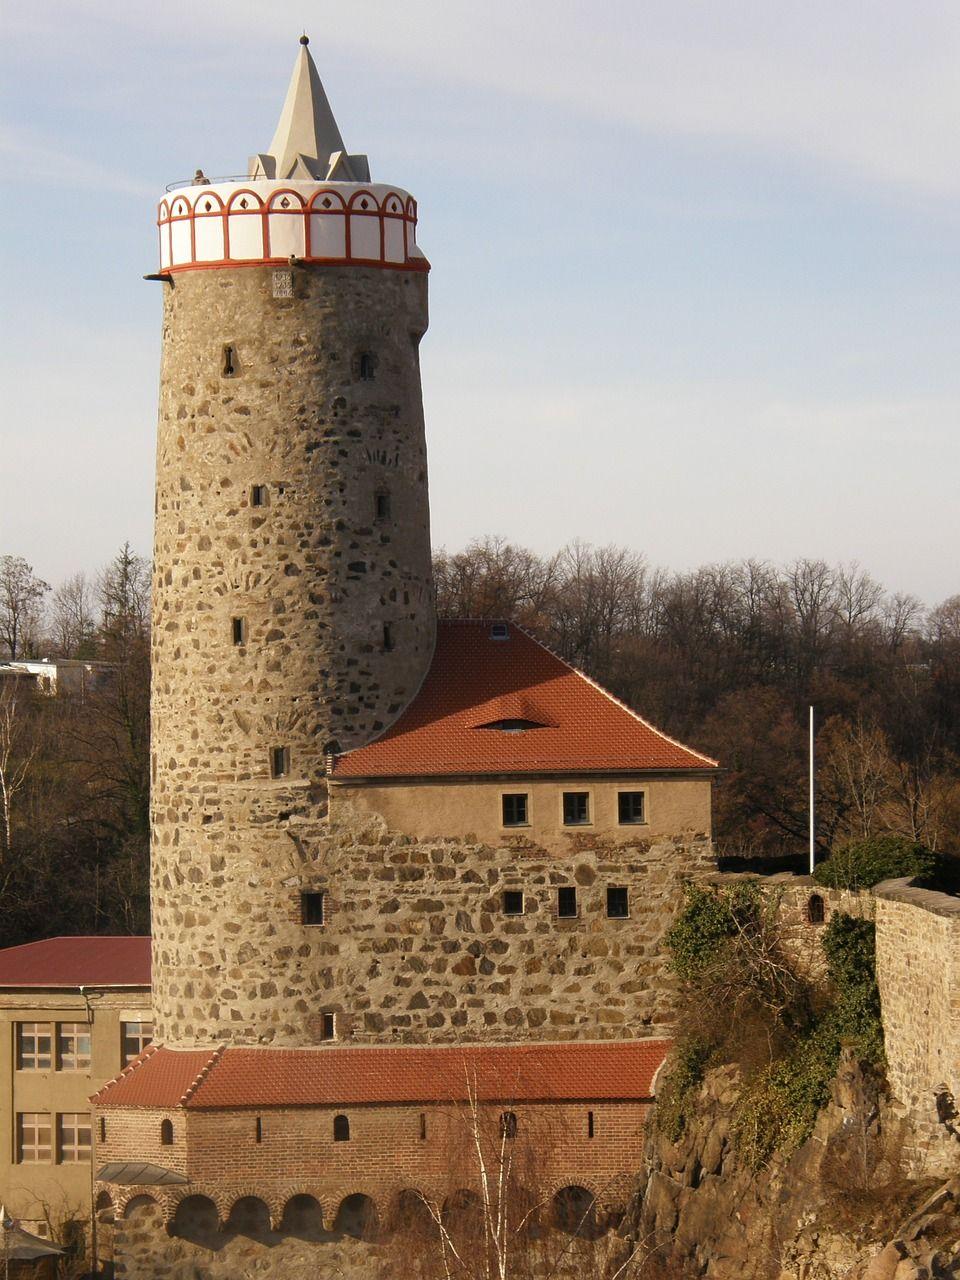 Castle Bautzen Tower Castle Historically Castle Bautzen Tower Castle Historically Castle Cathedral Chateau